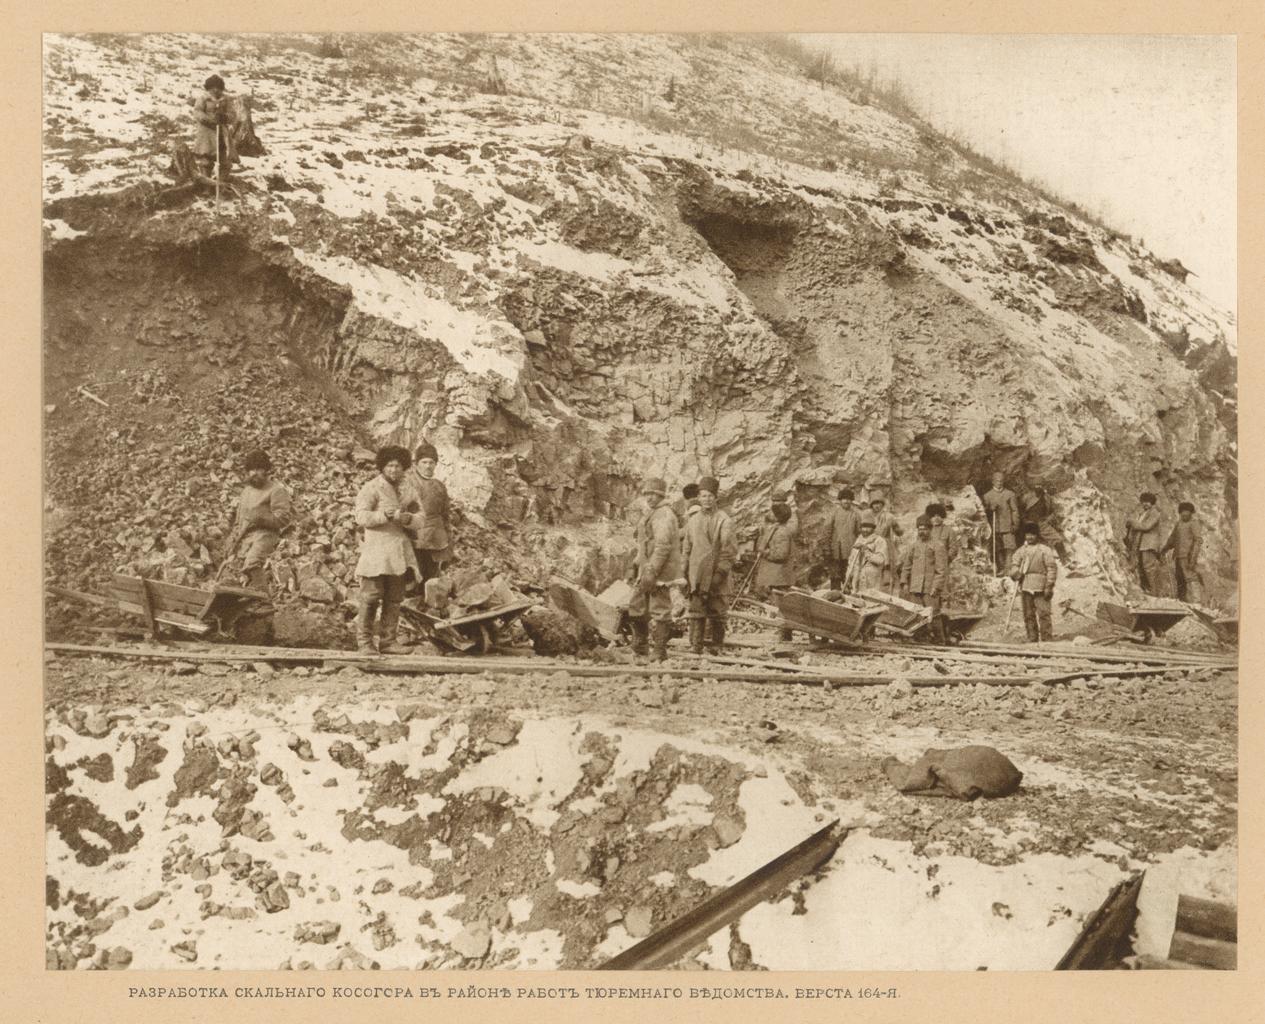 Верста 164. Разработка скального косогора в районе работ тюремного ведомства